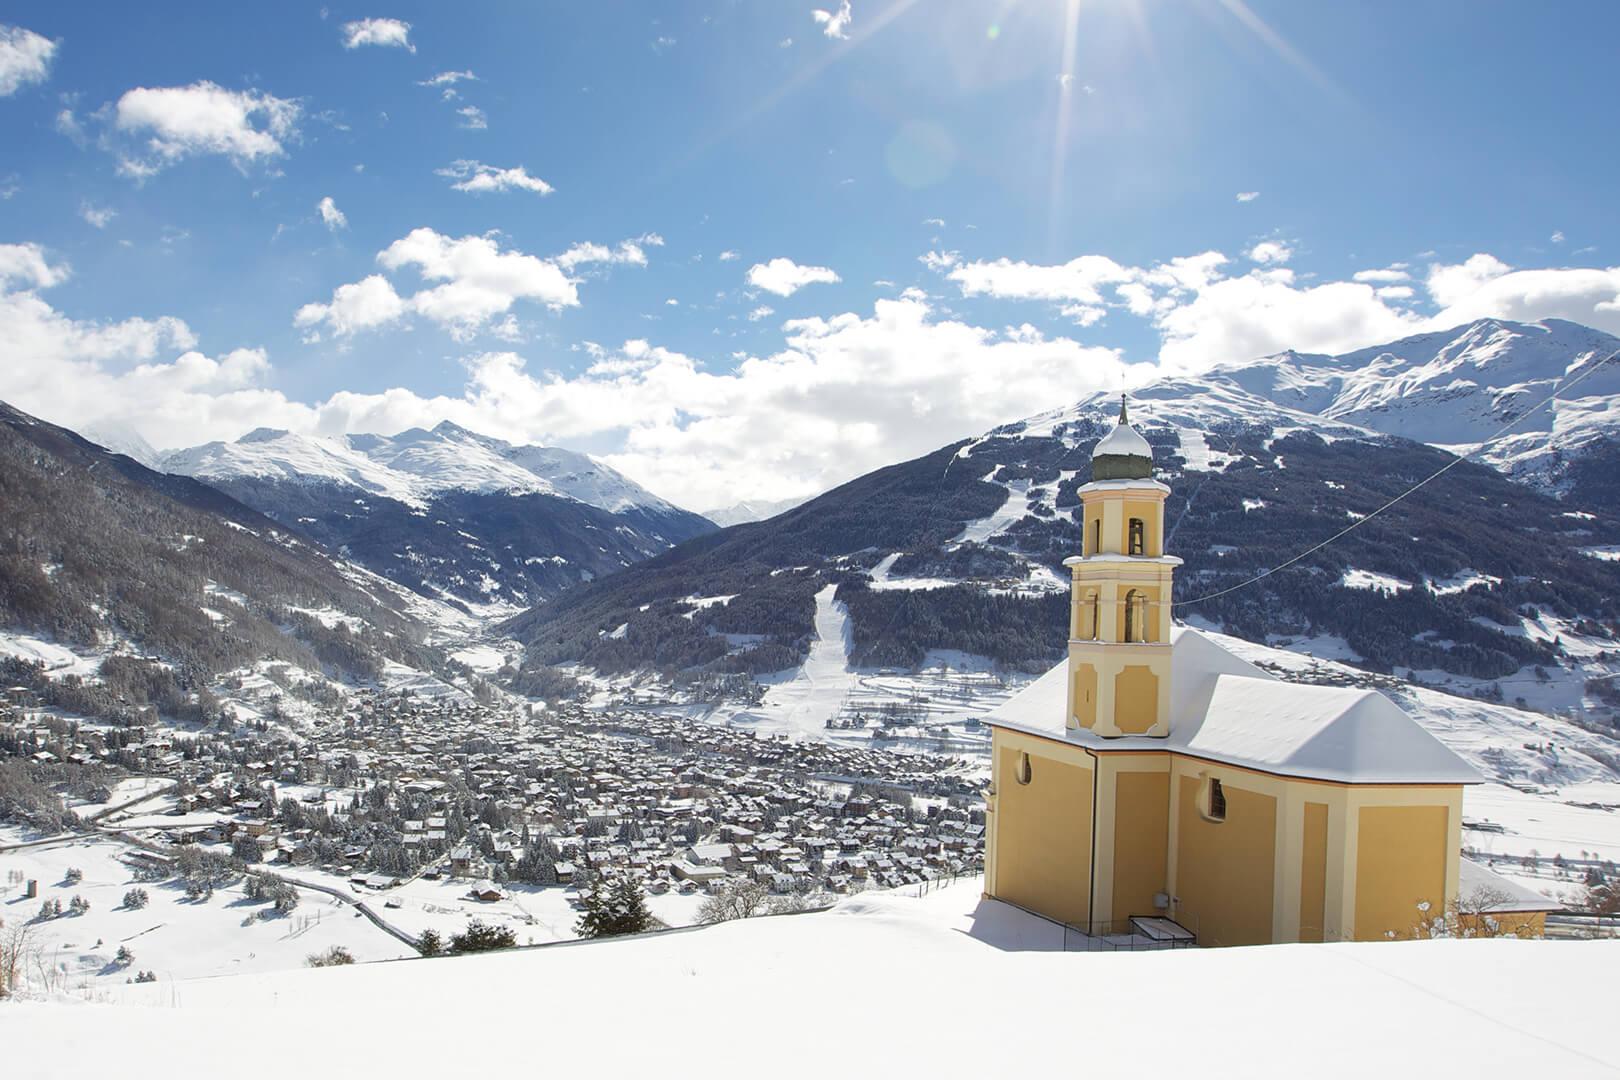 chiesa di bormio in valtellina